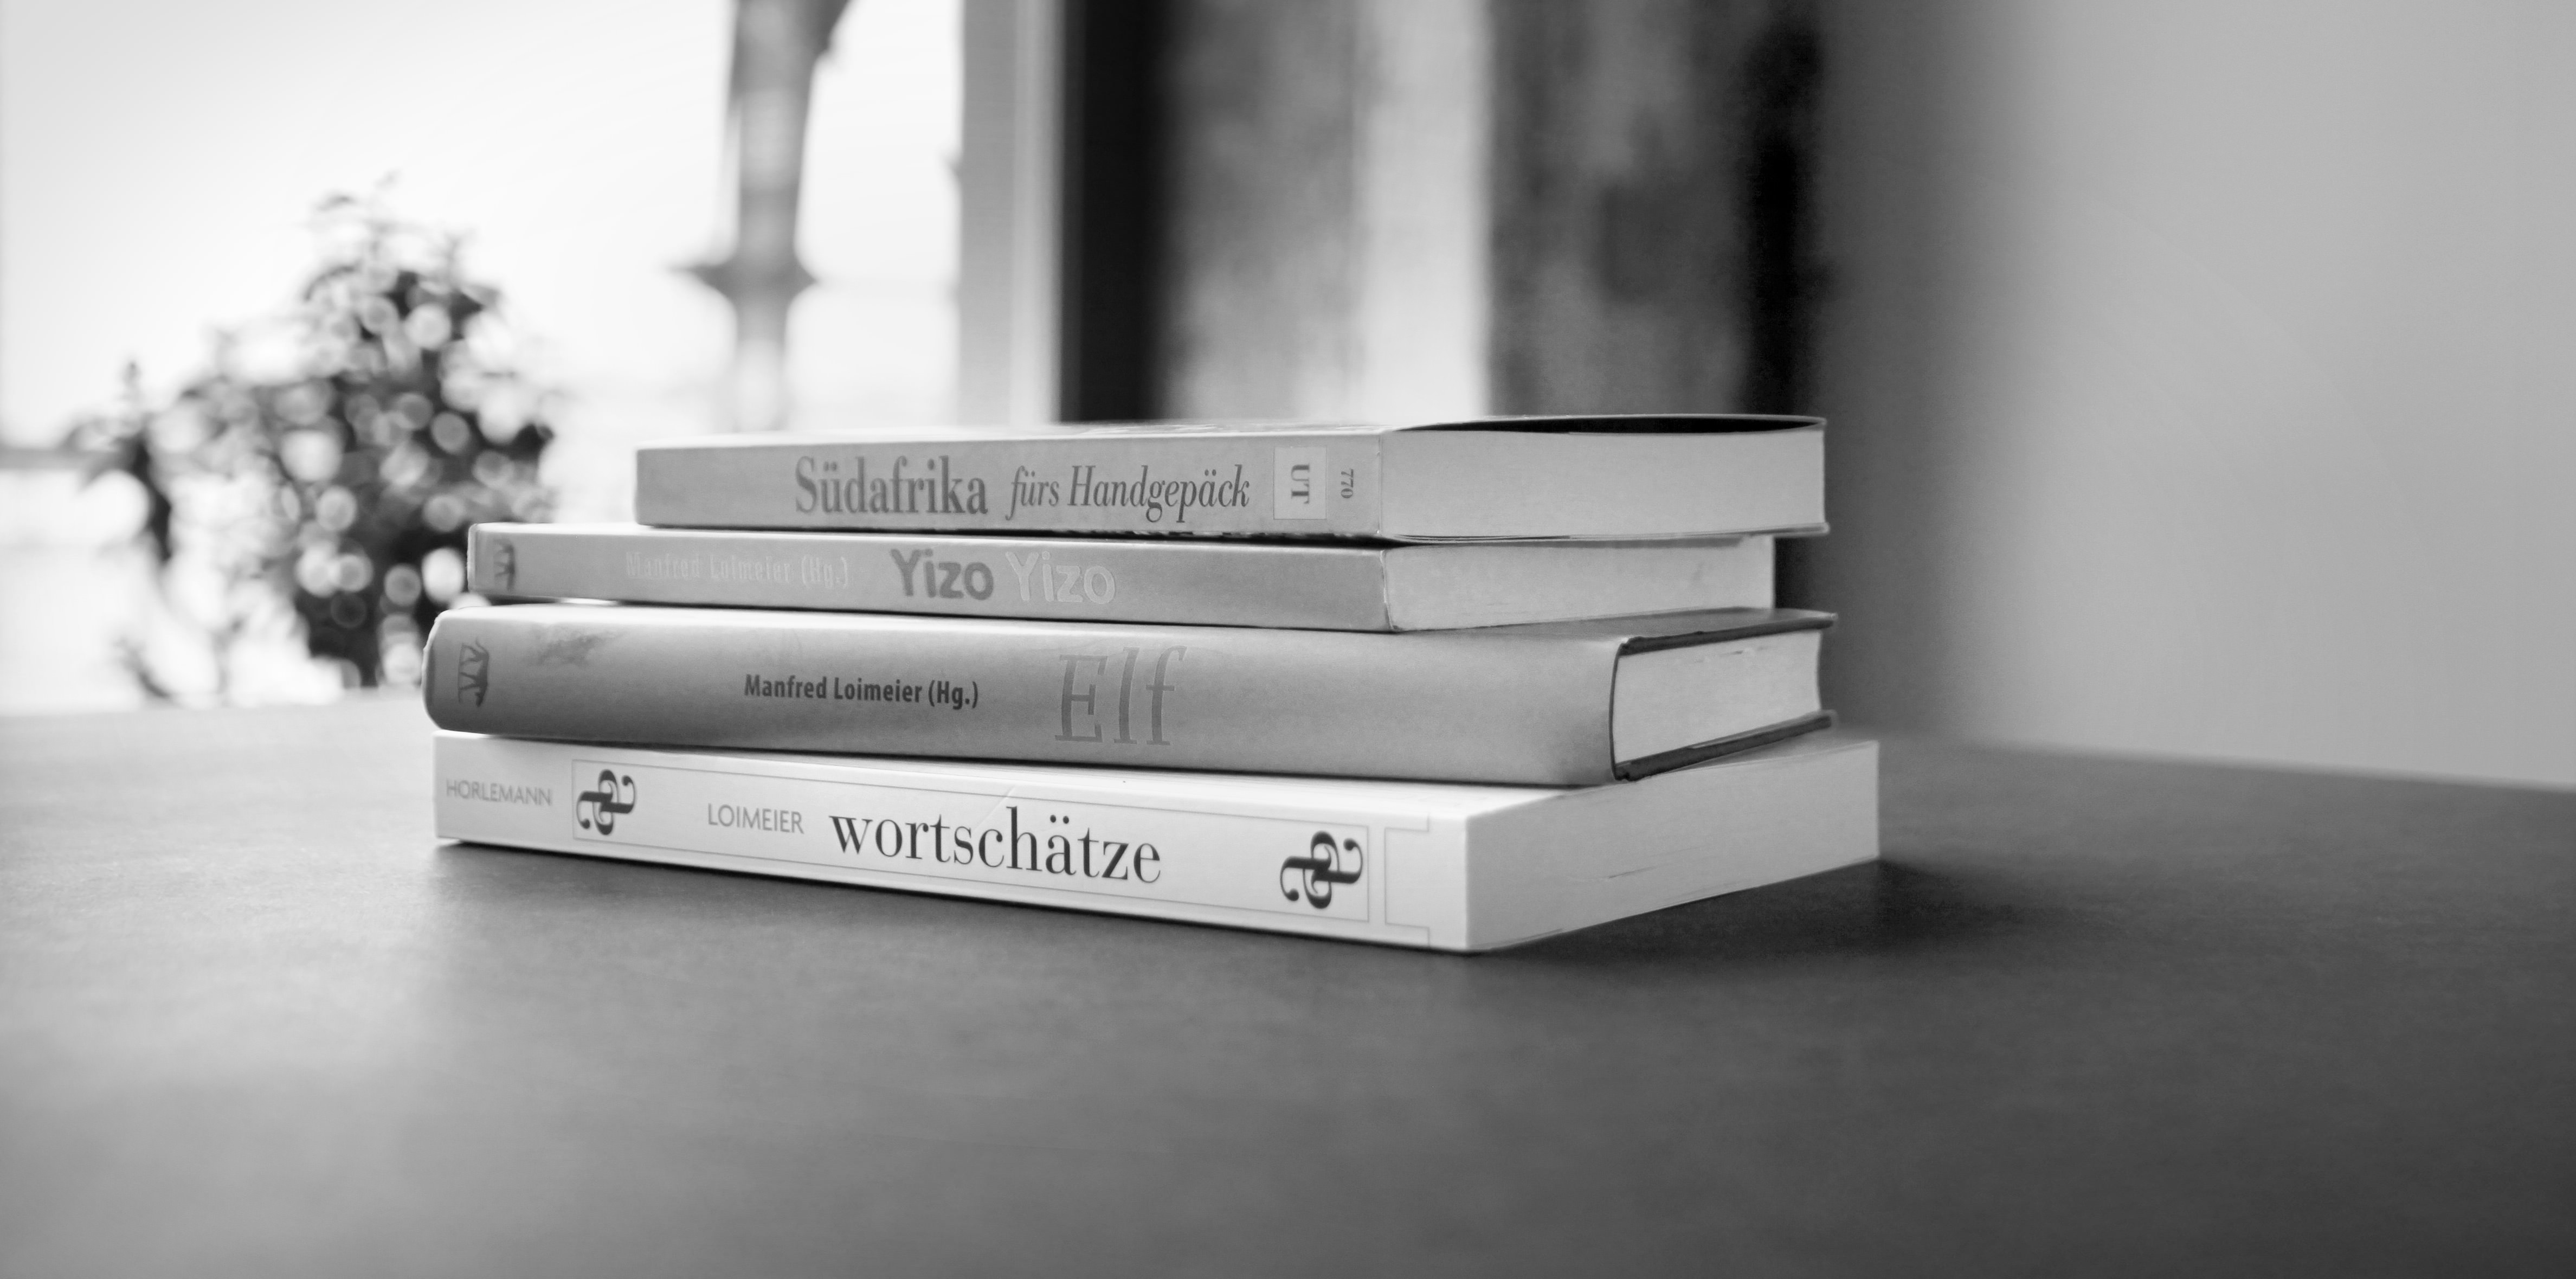 Vorträge & Moderationen – Manfred Loimeier